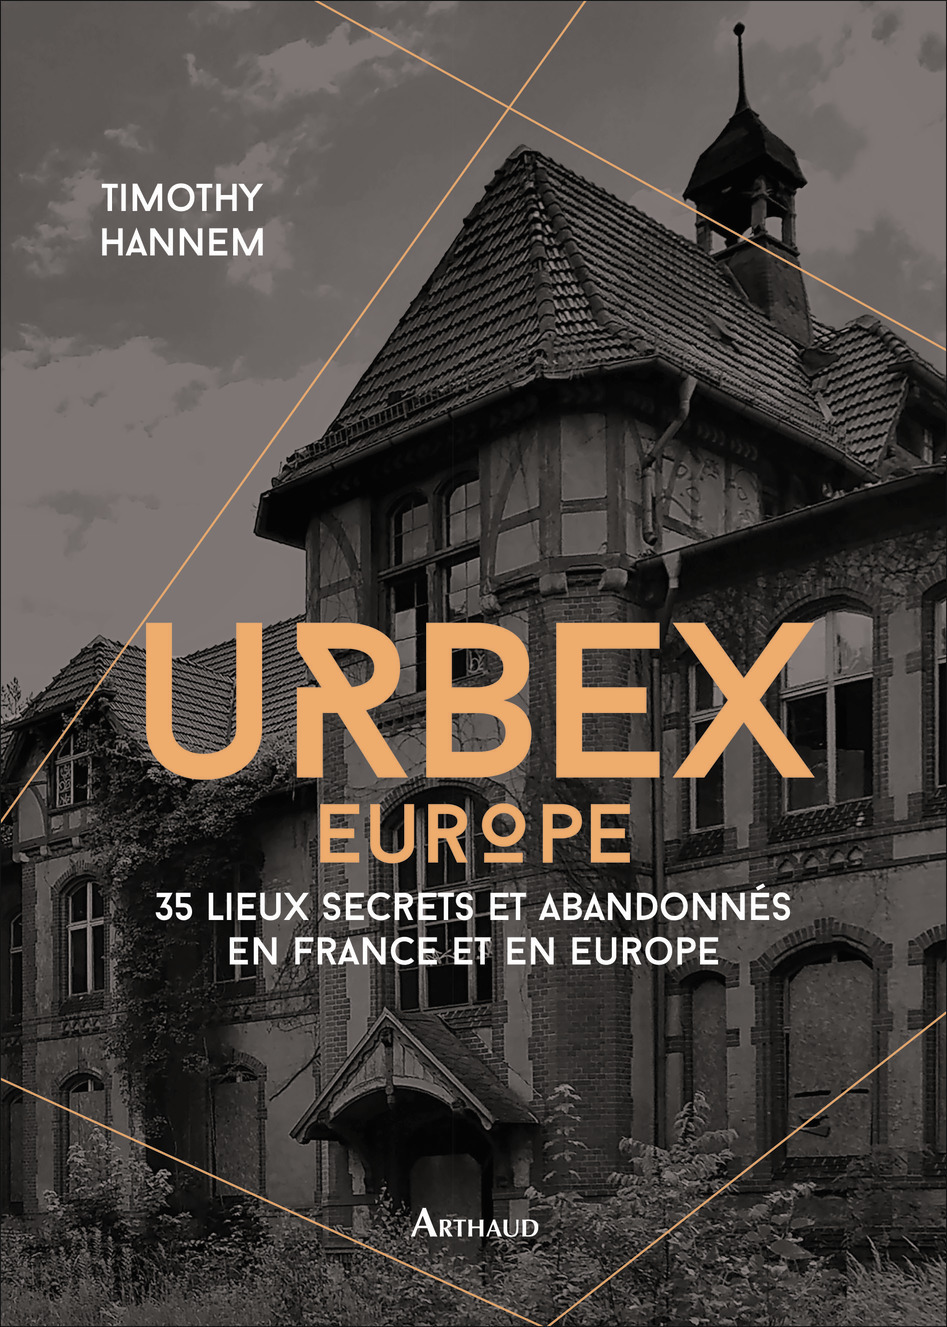 URBEX EUROPE - 35 LIEUX SECRETS ET ABANDONNES EN FRANCE ET EN EUROPE